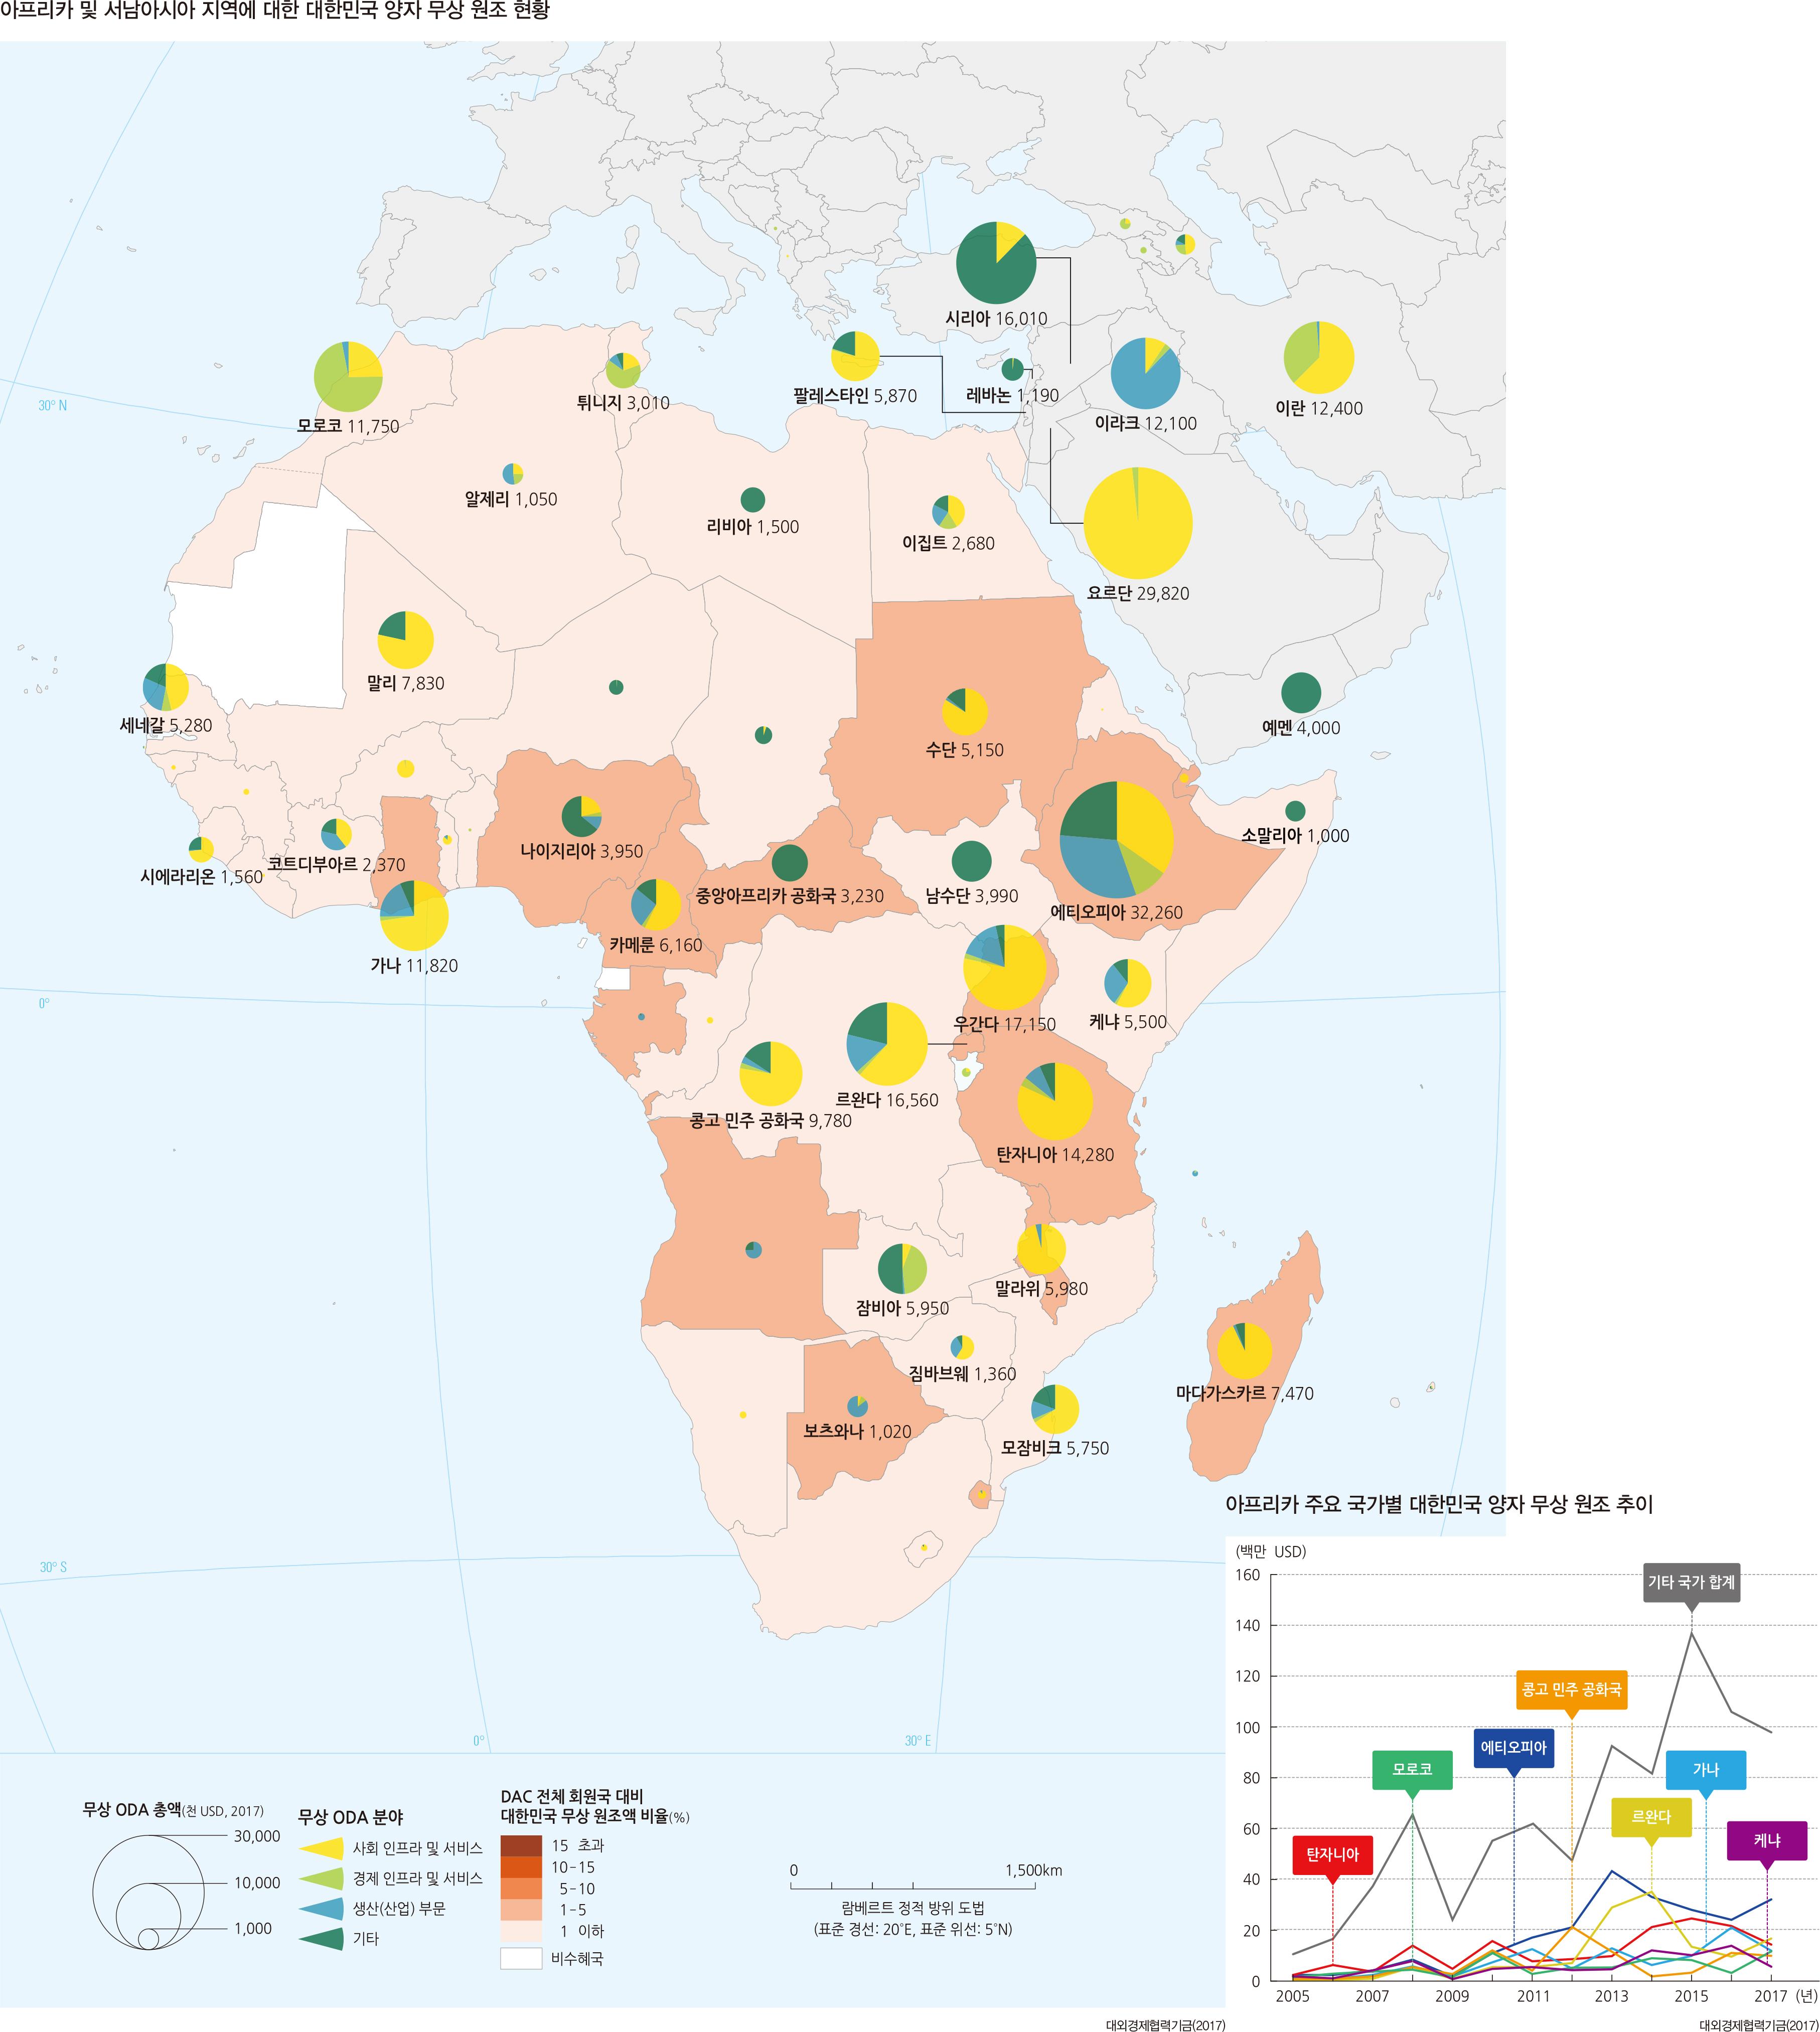 아프리카 및 서남아시아 지역에 대한 대한민국 양자 무상 원조 현황